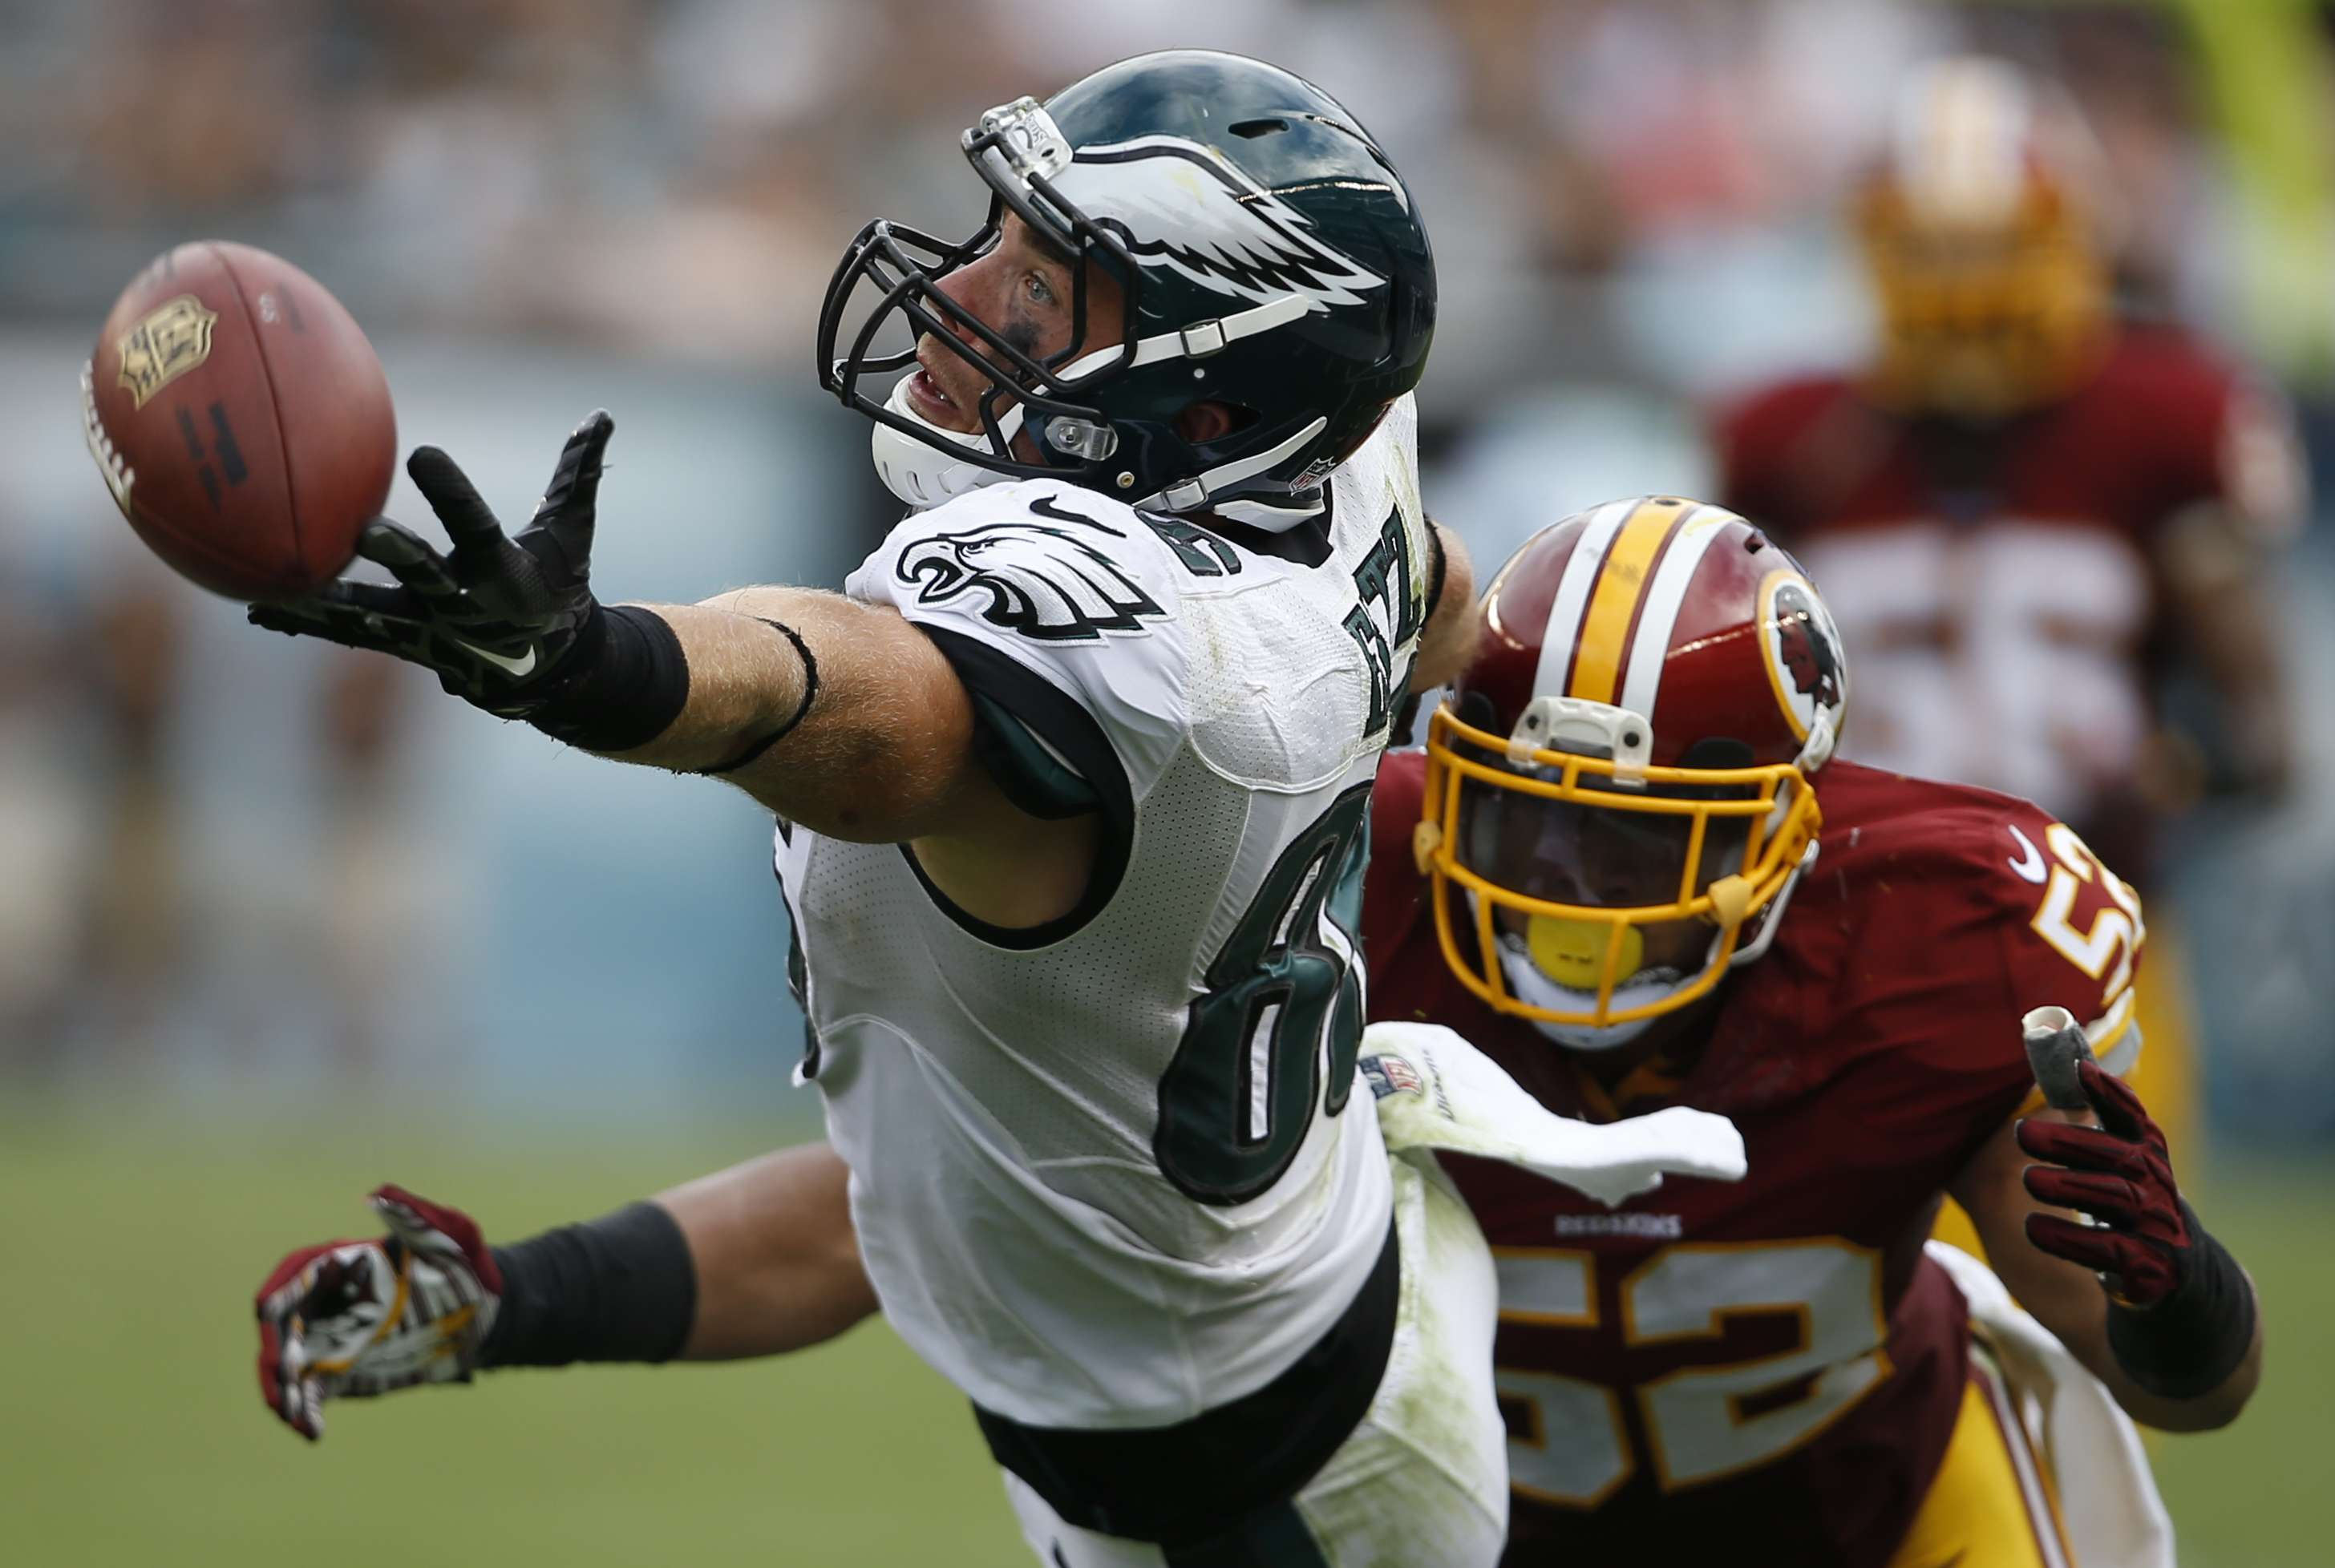 Philadelphia Eagles se imponen a Redskins en apretado juego. Foto: AP